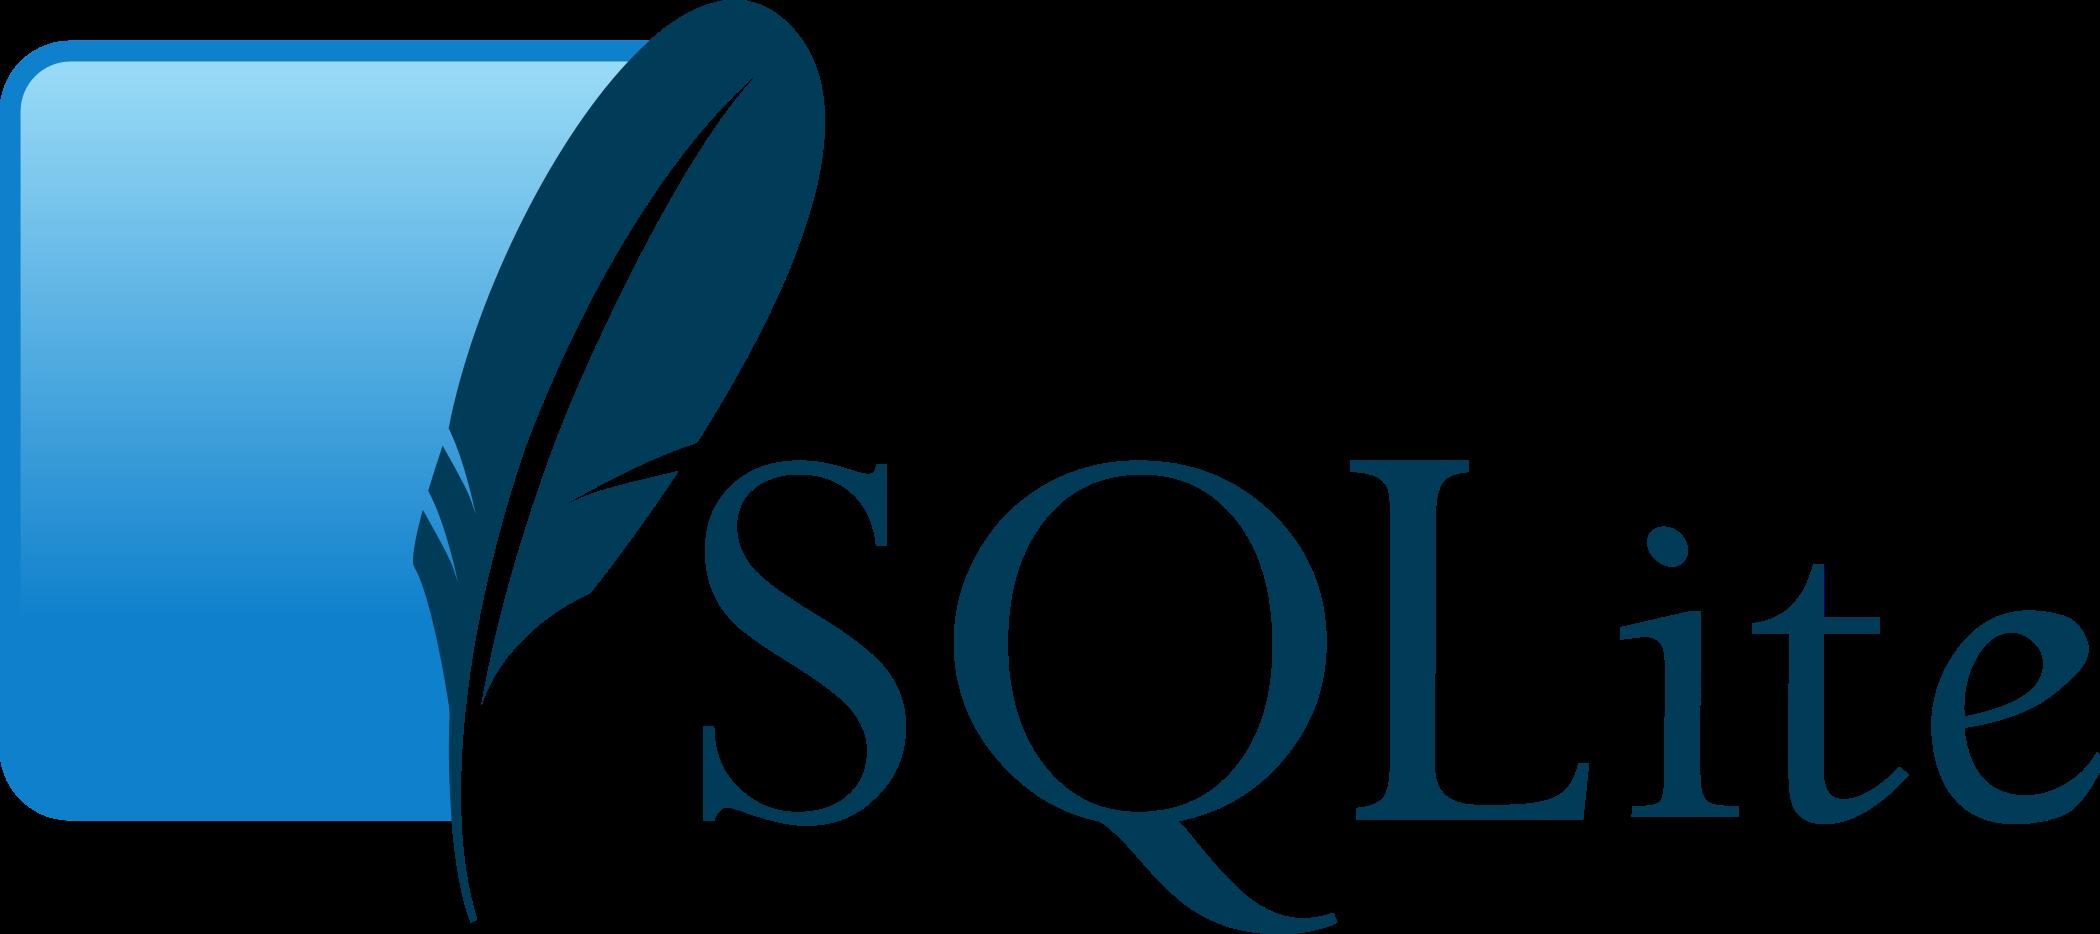 sqlite logo 1 - SQLite Logo